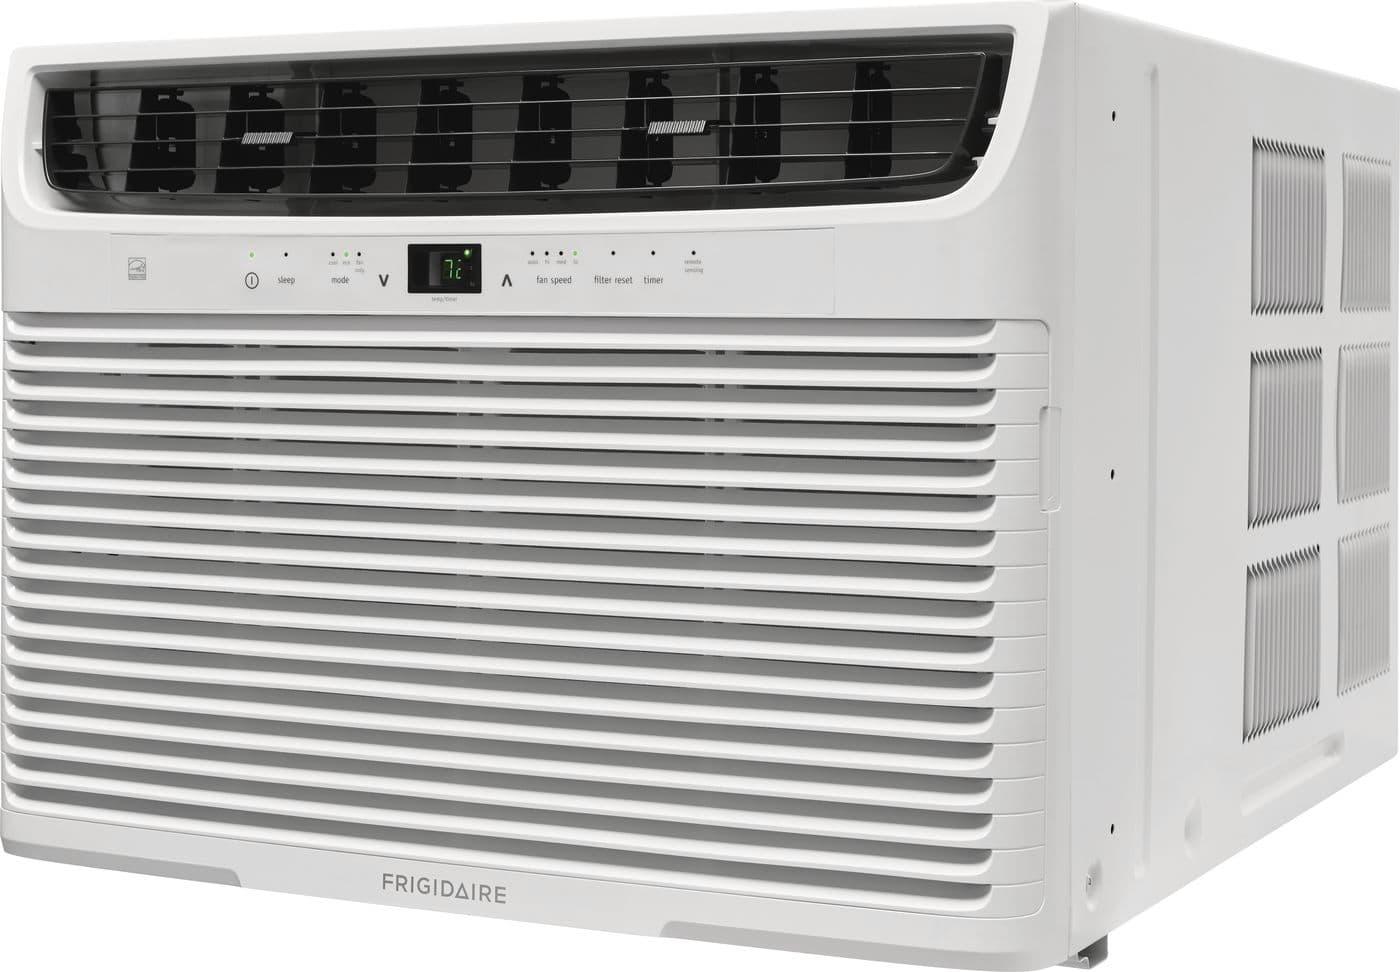 Model: FFRE1233U1 | Frigidaire 12,000 BTU Window-Mounted Room Air Conditioner